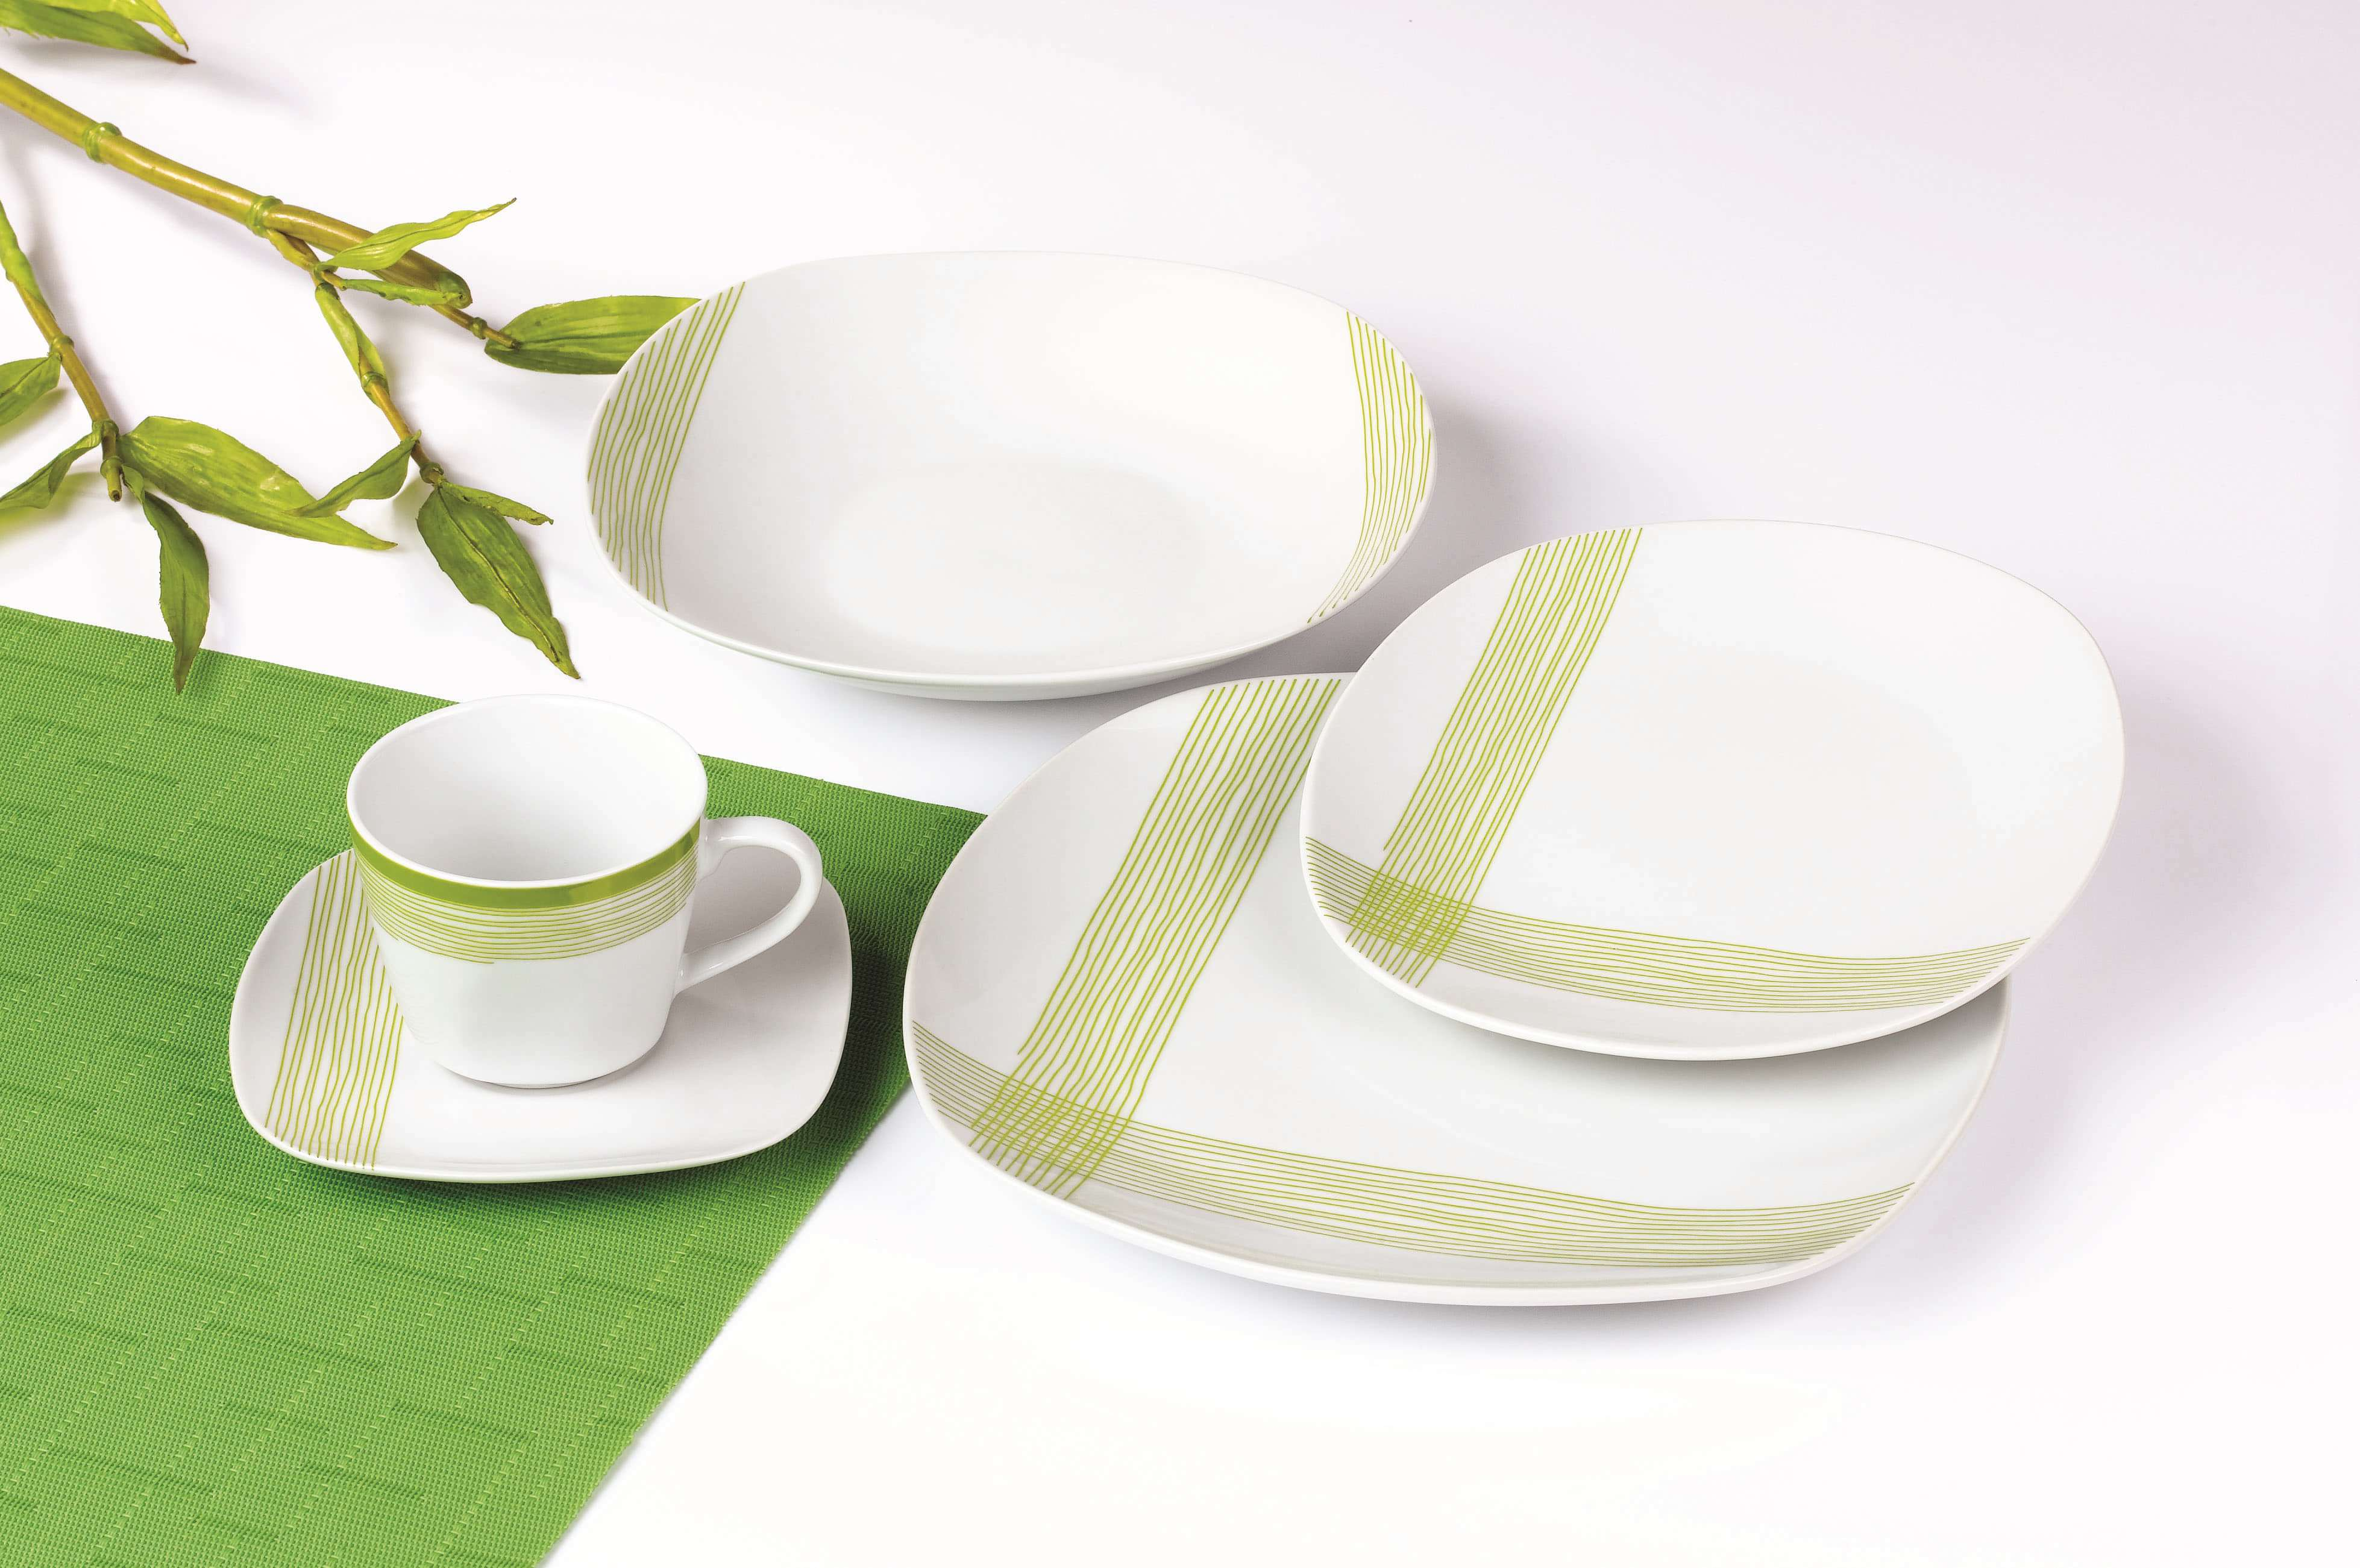 线条纹理餐具